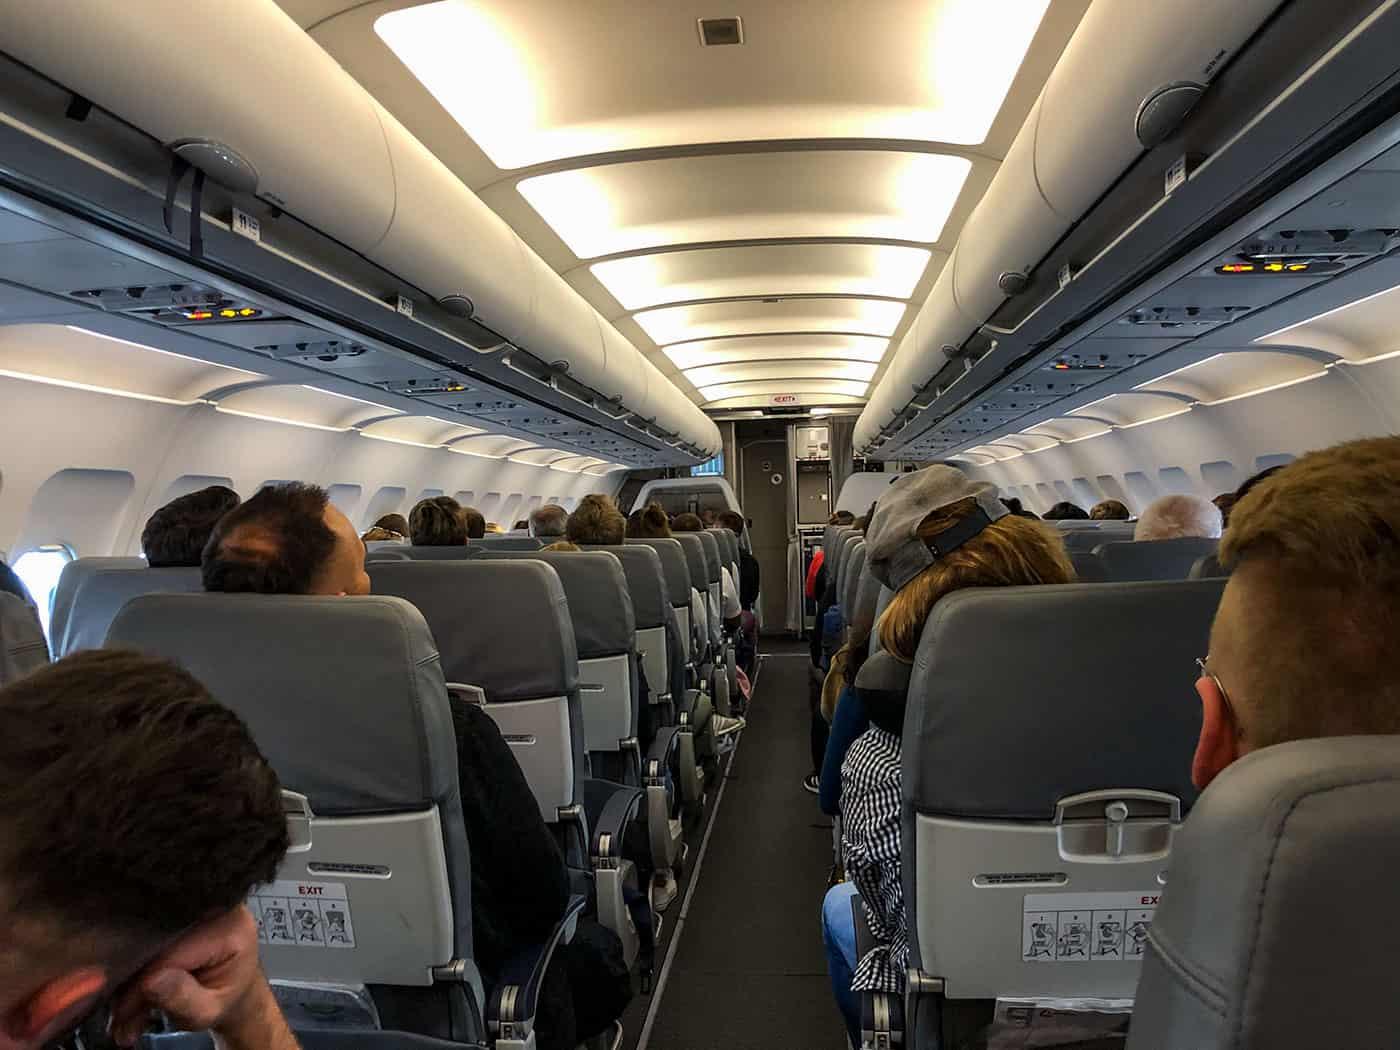 Lauda Cabin Airbus A320